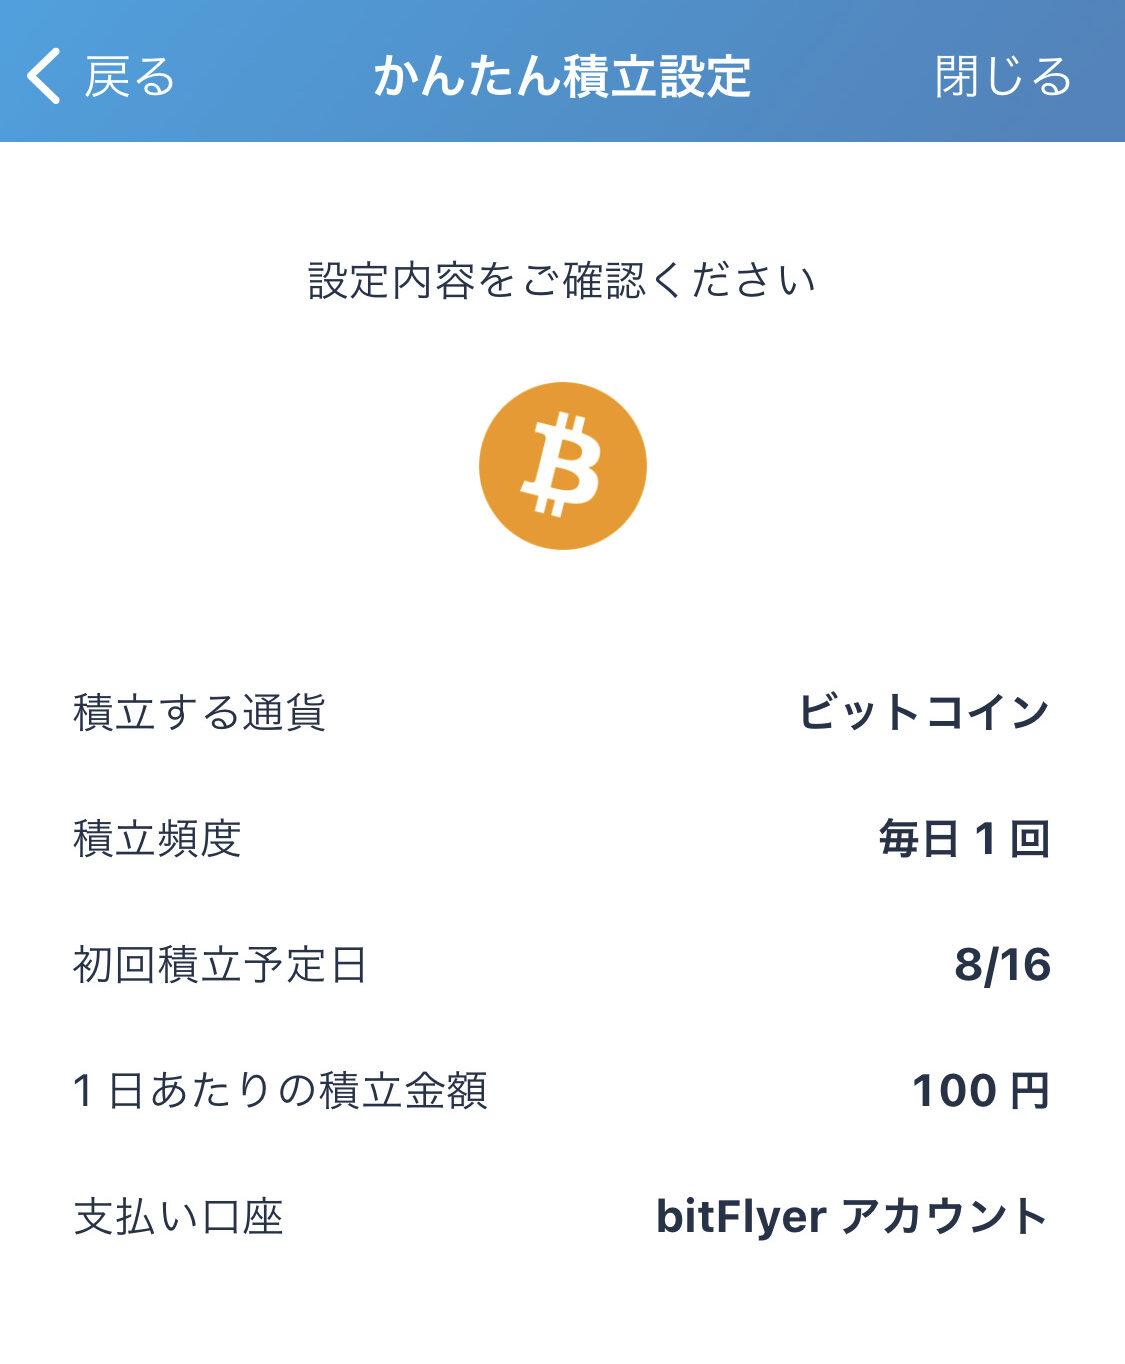 bitFlyerの積立設定画面